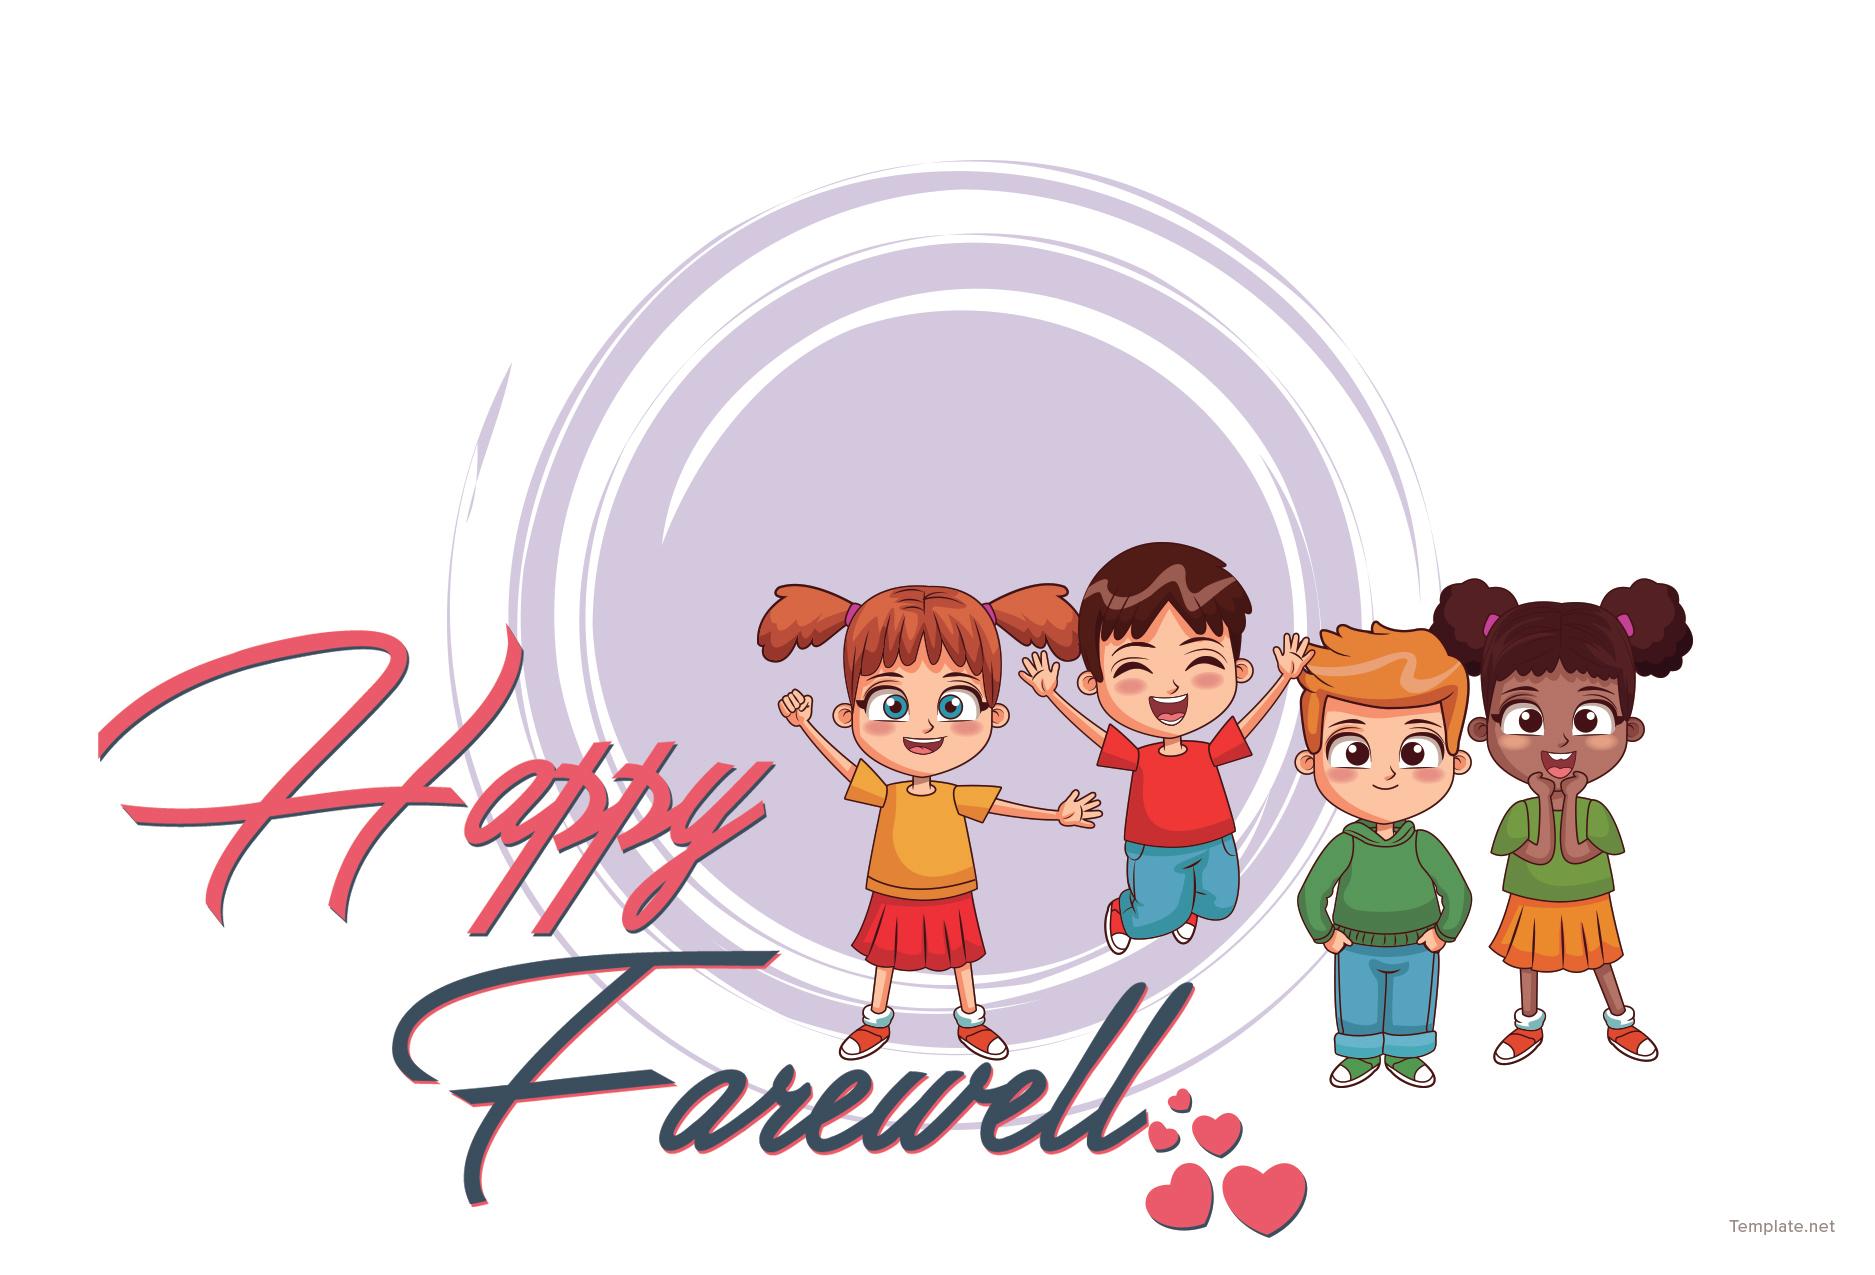 Free Happy Farewell Invitation Card Template in Adobe ...